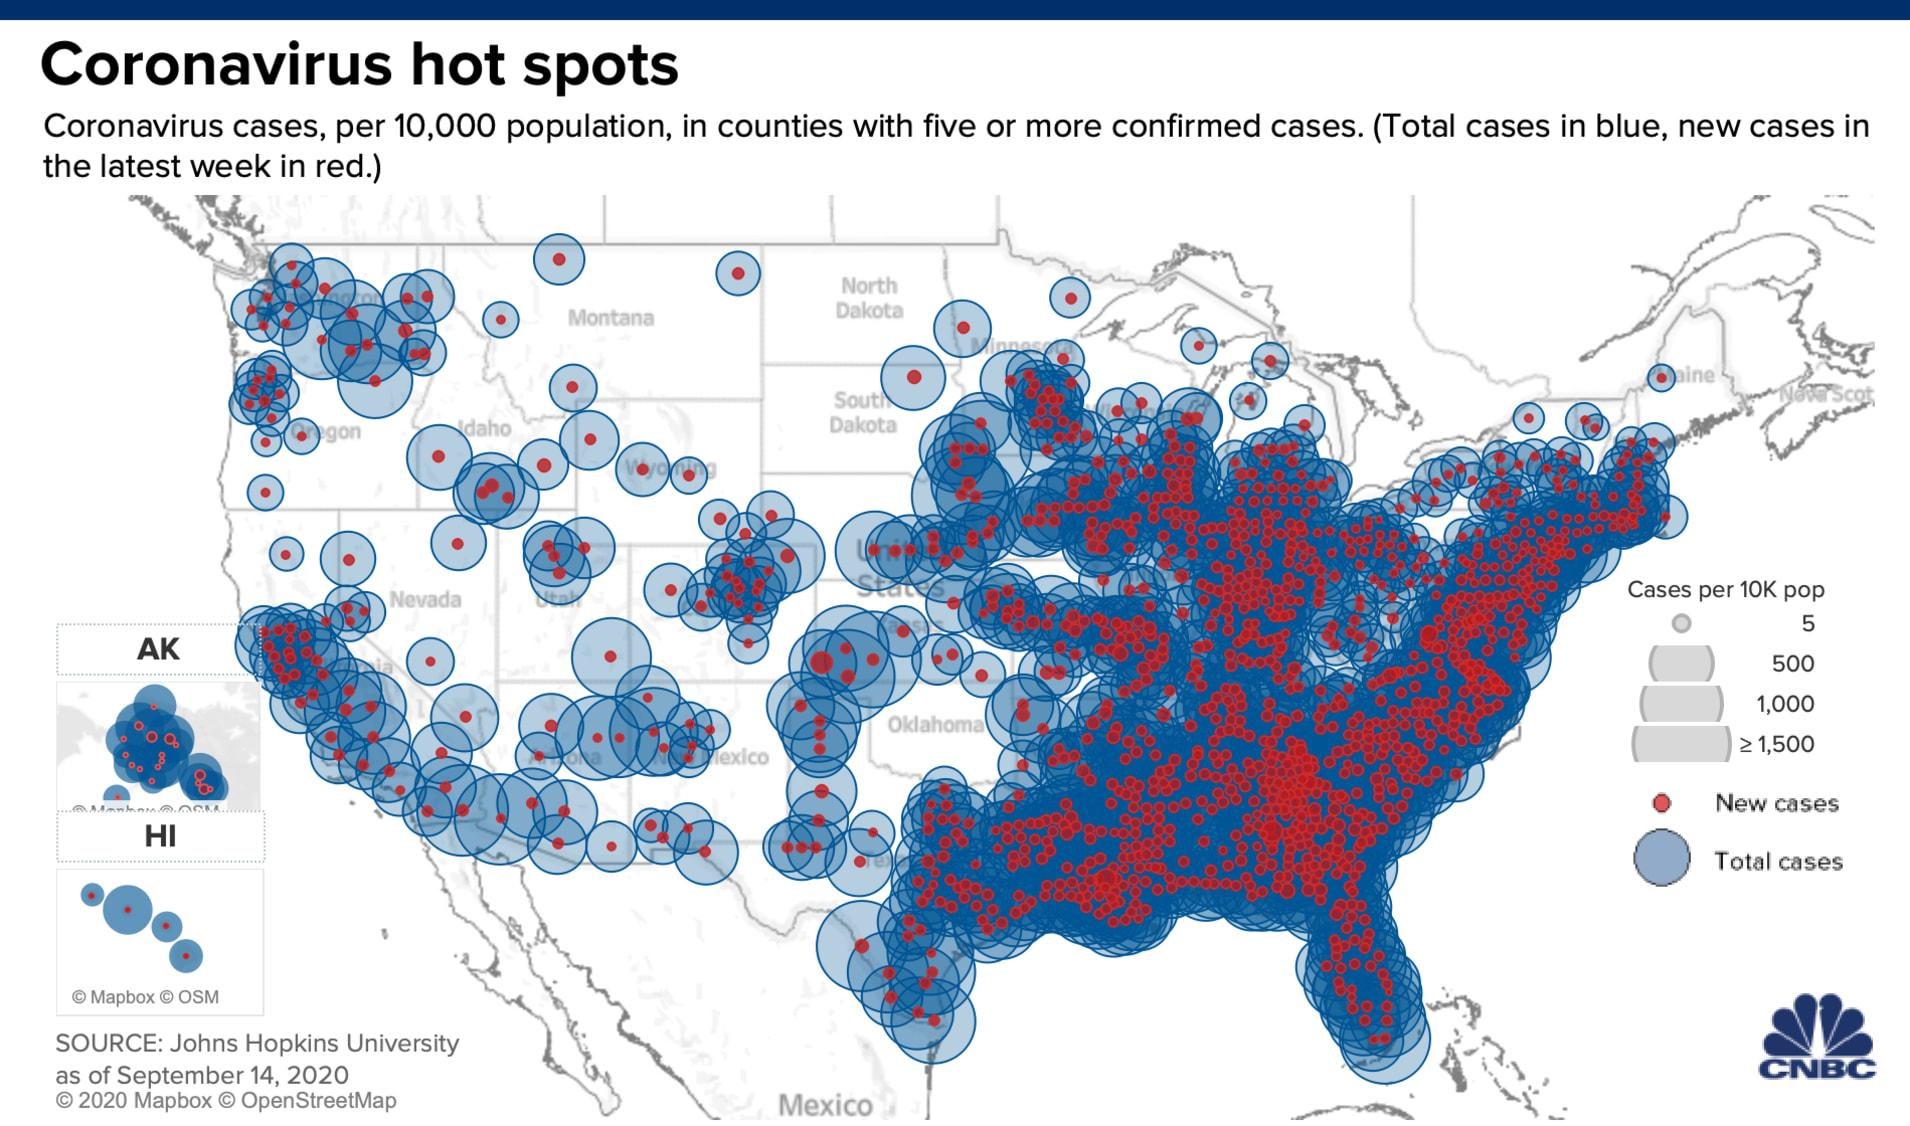 美国新冠肺炎疫情形势,美国疫情热点地区分布,最新消息,趋势图,新政确诊病例数据,各州数据,新冠肺炎疫情新闻报道,美国疫情形势,约翰斯霍普金斯大学汇编的数据